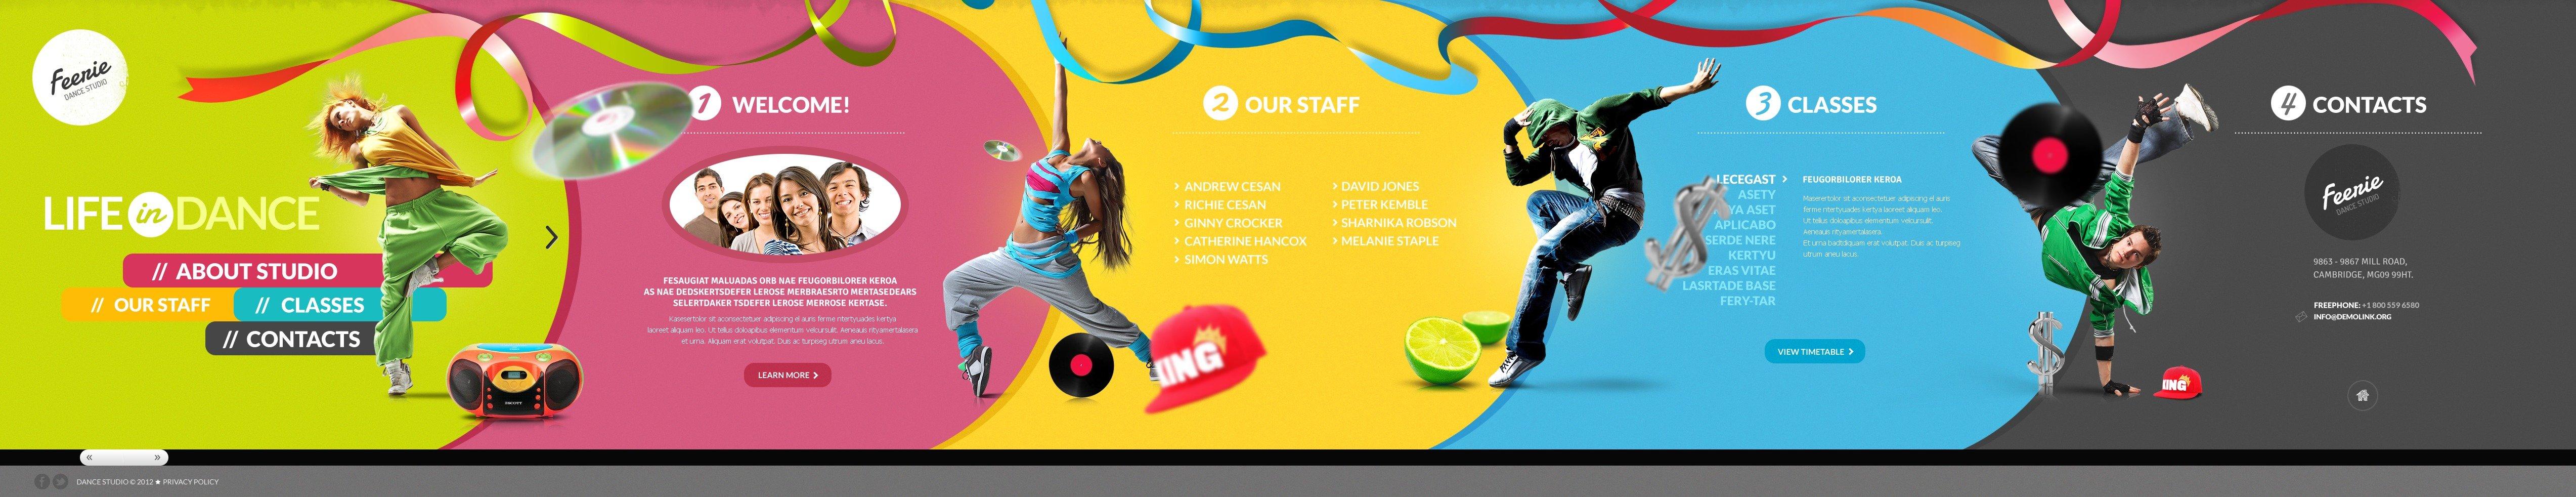 Dance Studio Website Template #43212